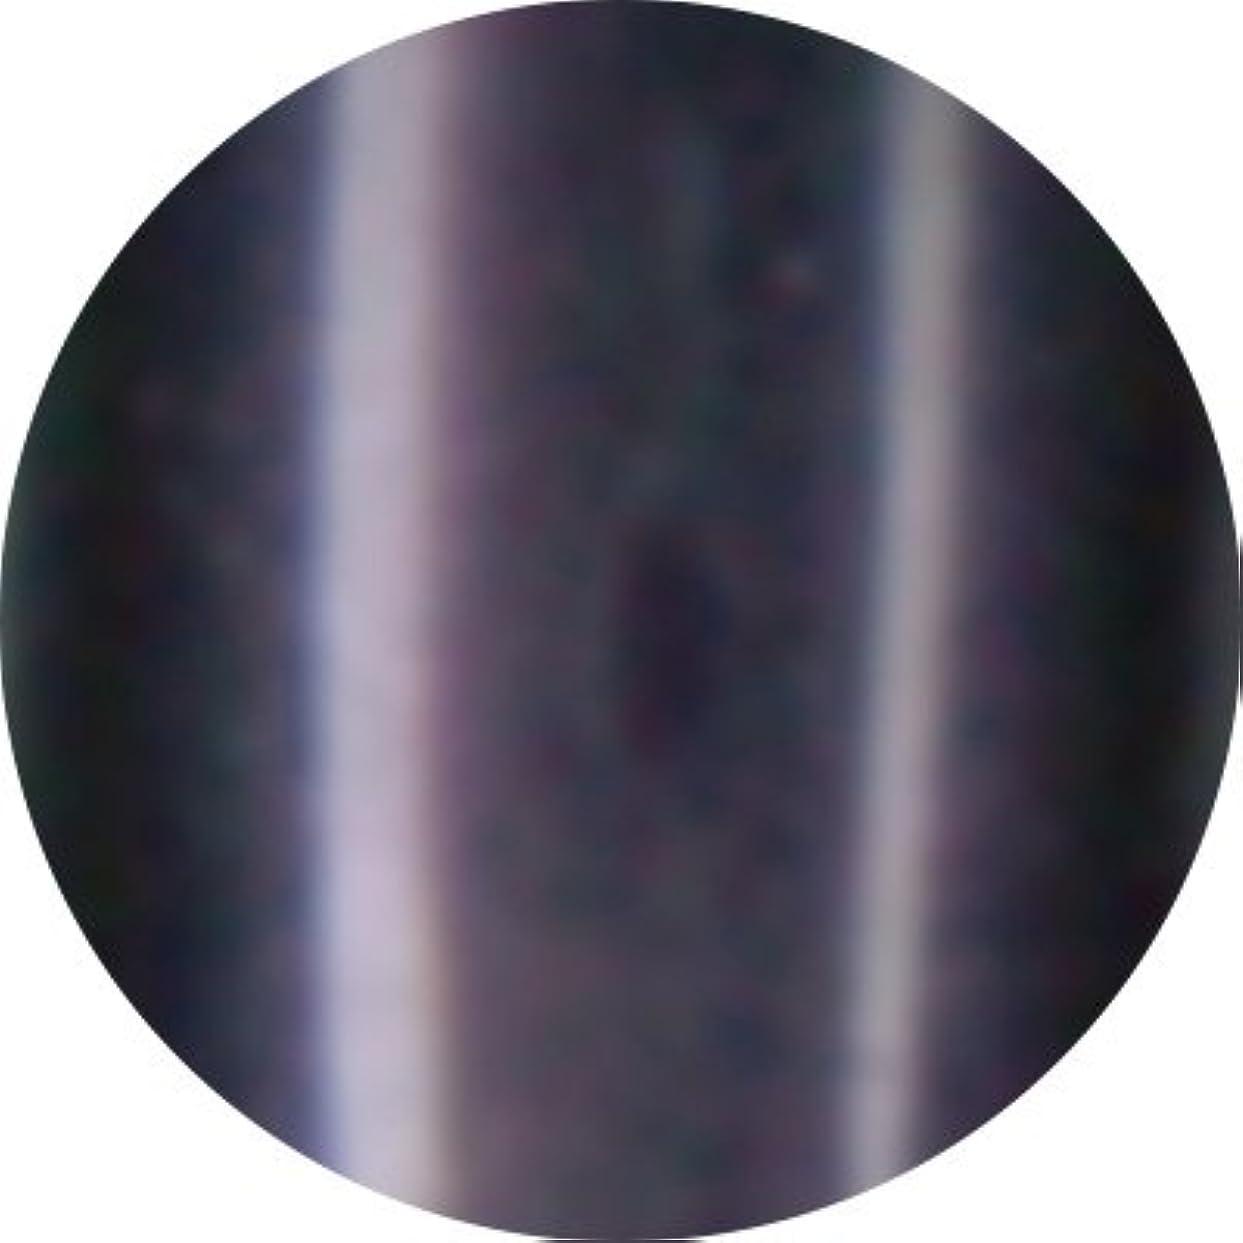 フィードオン分離するメダリストJewelry jel(ジュエリージェル) カラージェル 5ml<BR>メタリック MT037